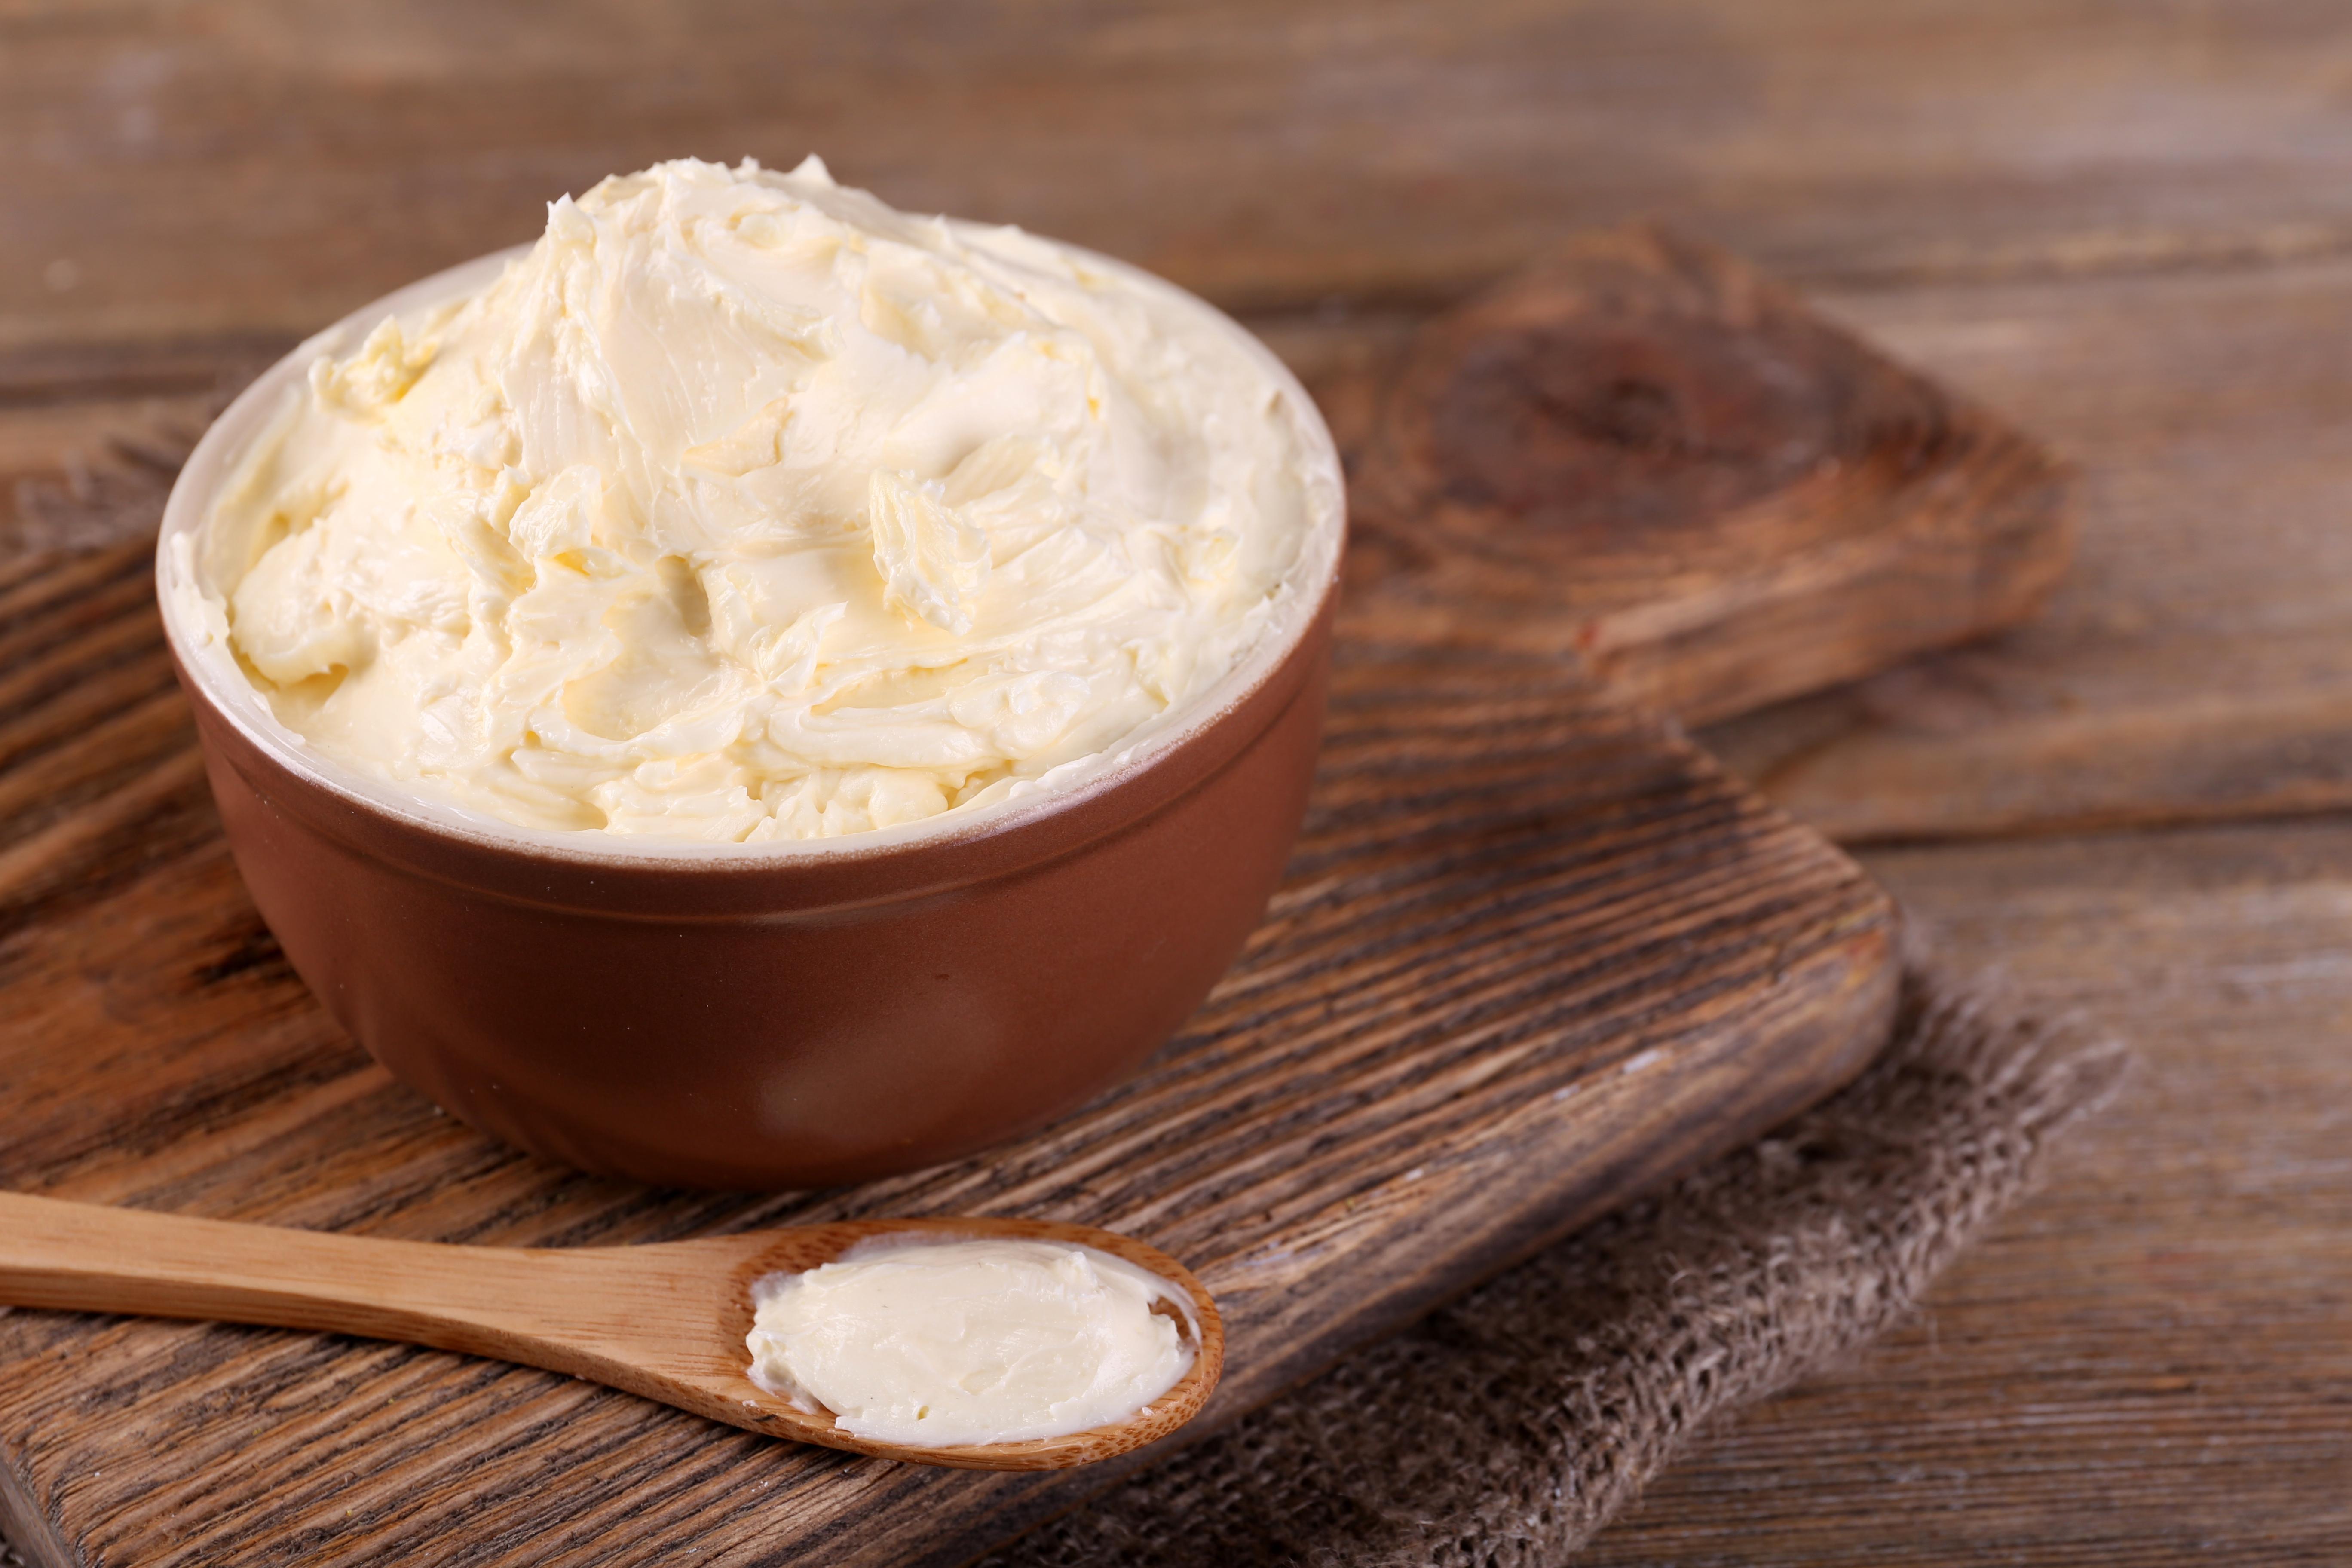 hjemmelaget smør i bolle